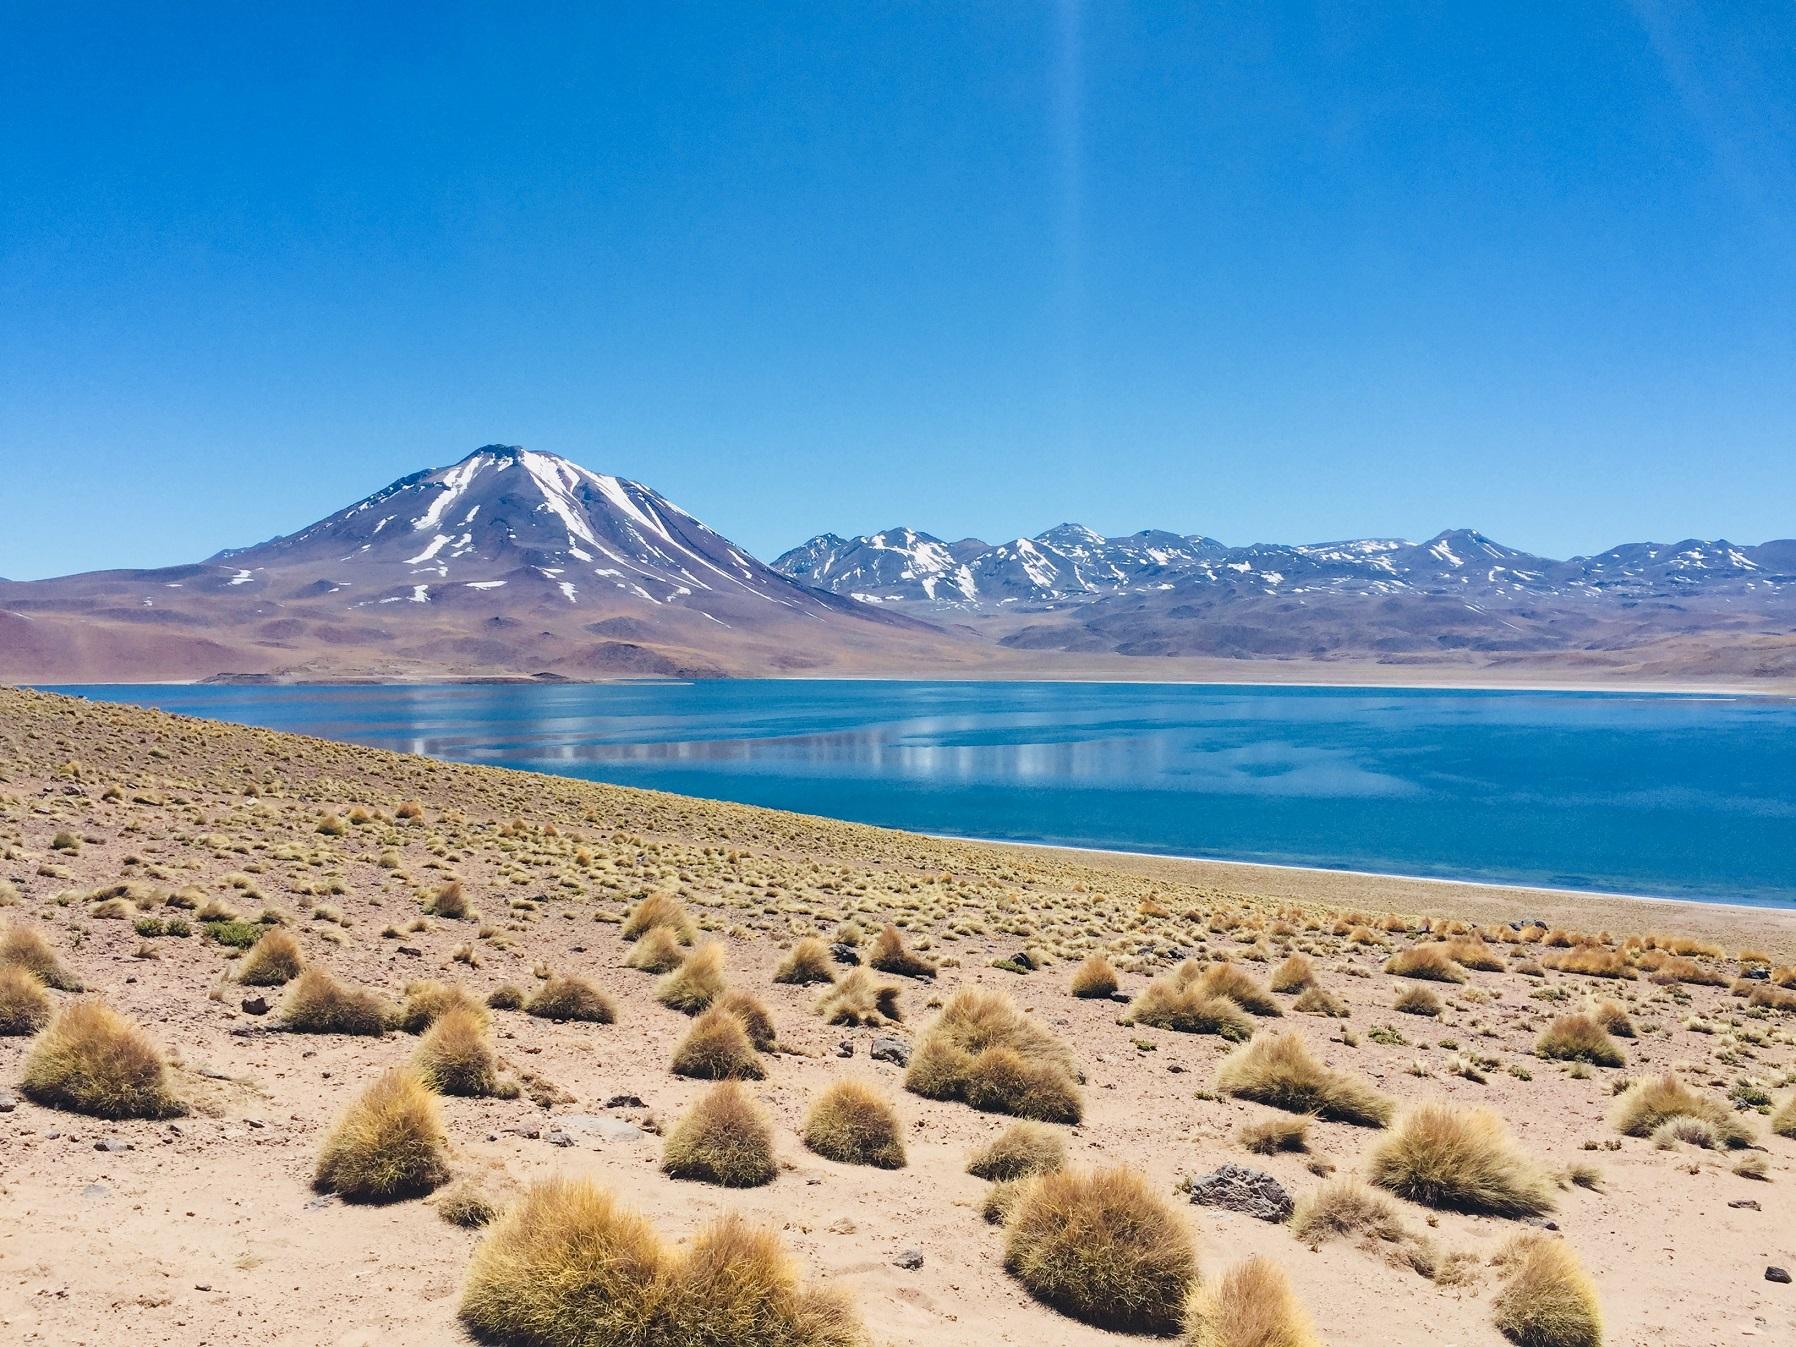 幻想的な赤と藍の大地 ~アタカマ砂漠~ で絶景尽くし